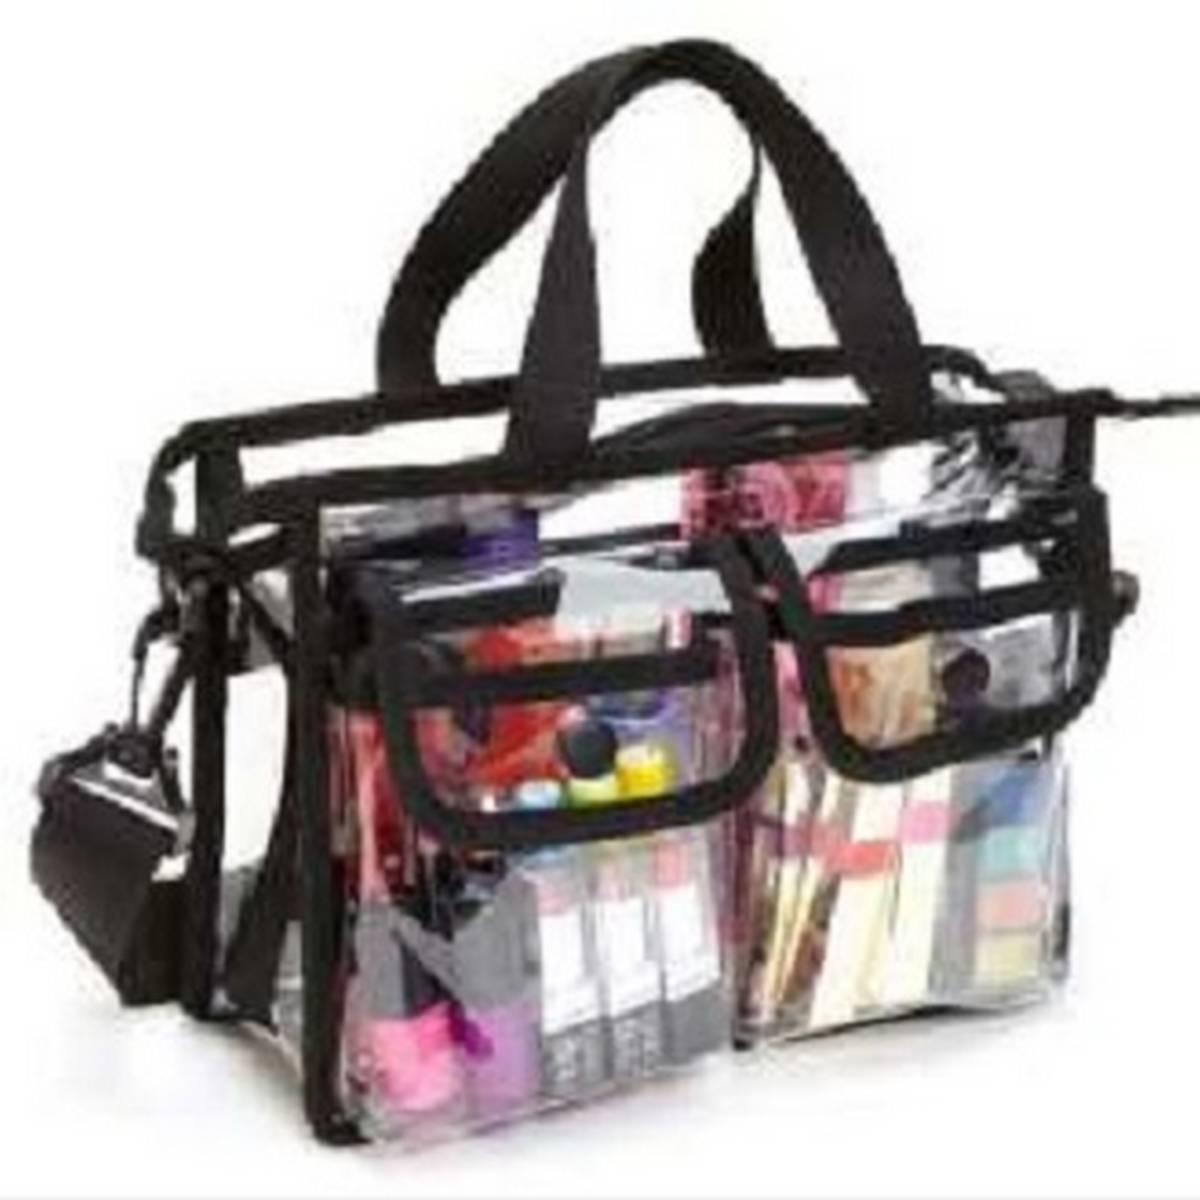 Summer Plastic PVC Transparent Bag Clear Handbag Tote Shoulder Bag Crossbody Bag